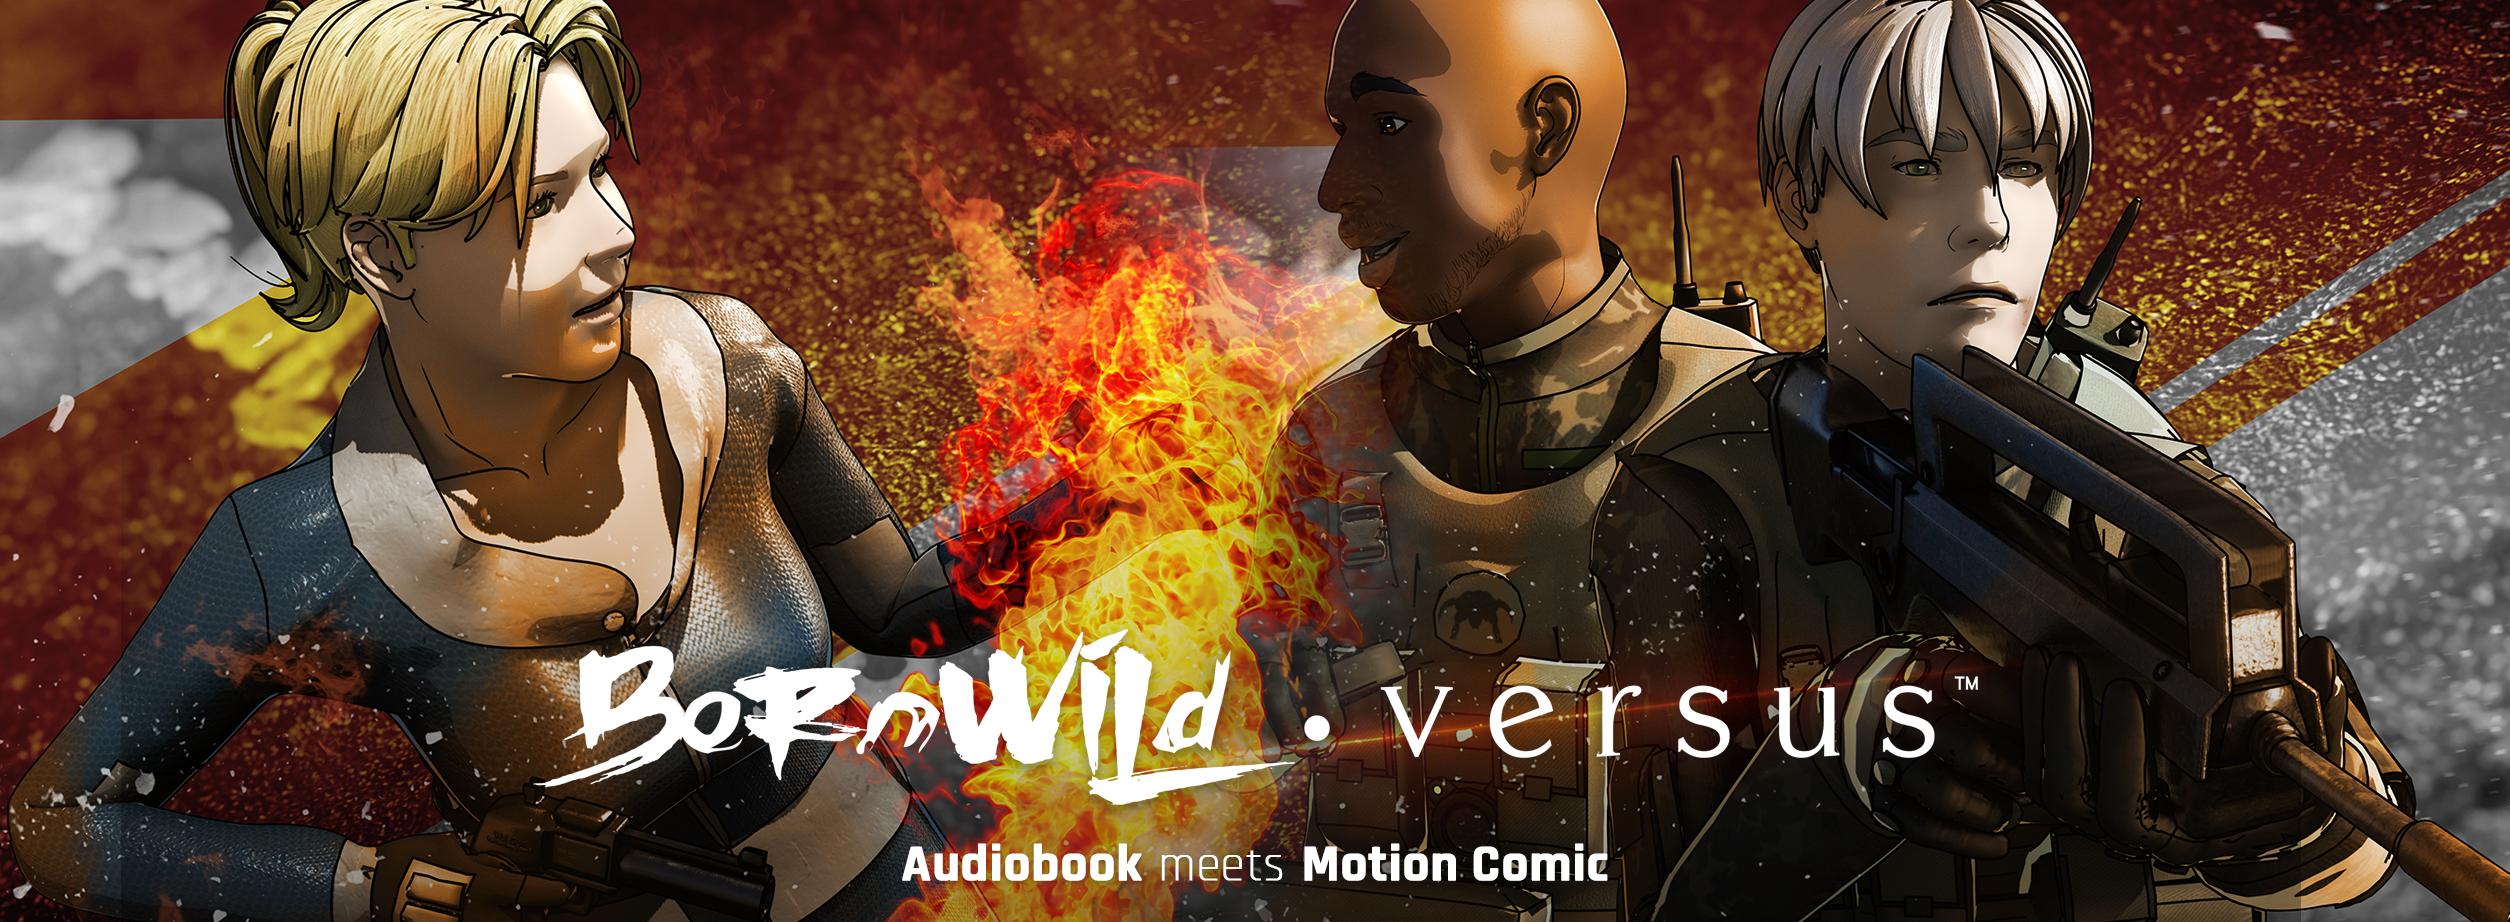 BornWild • Versus - Episode 5